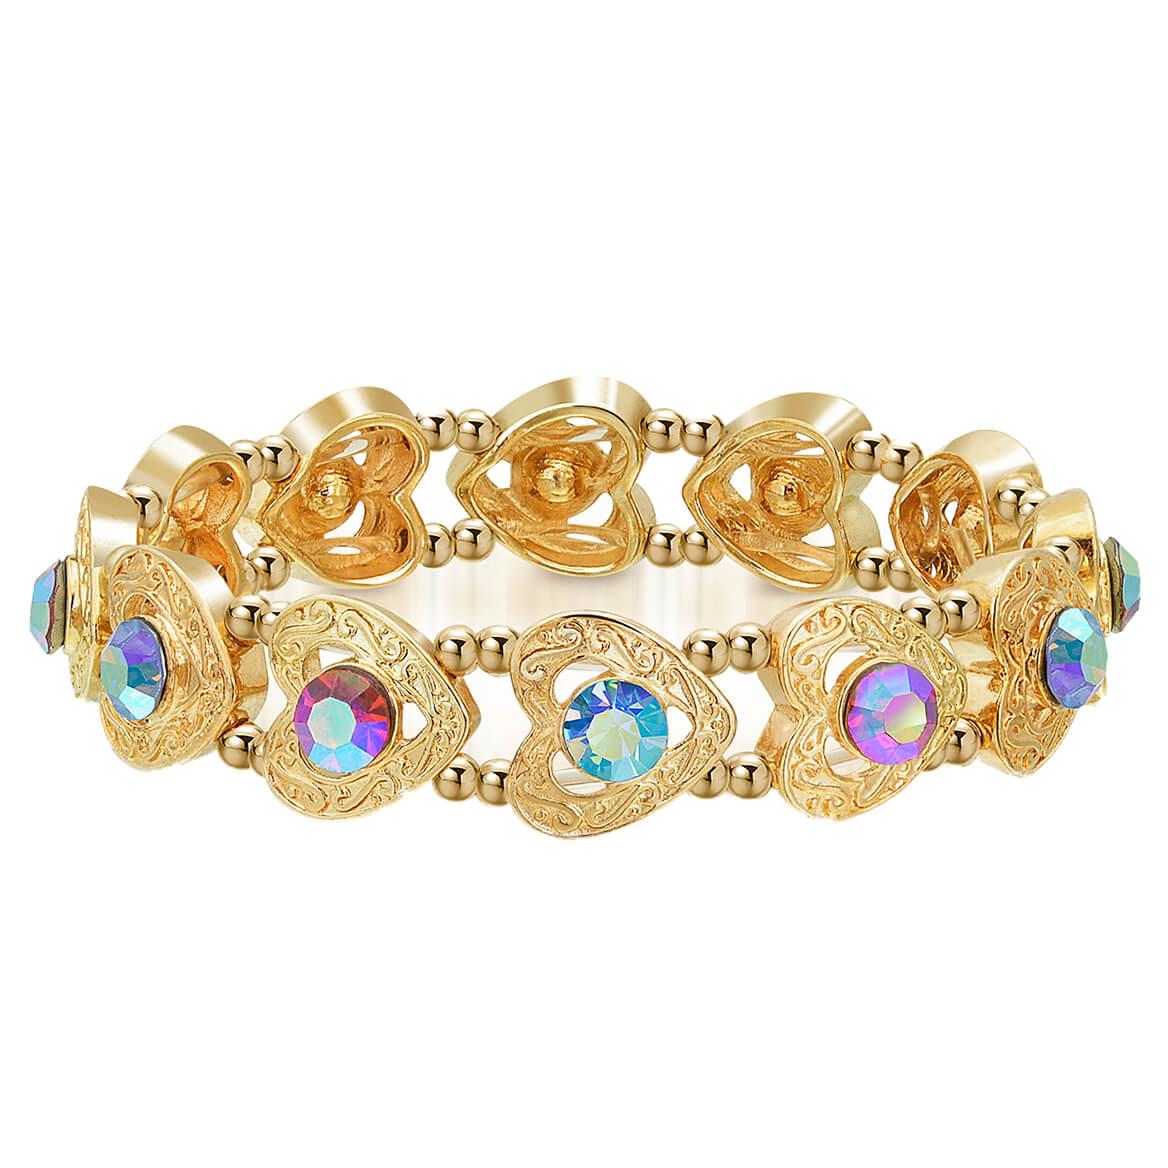 Stretch Bracelet with Swarovski® Crystals-370456